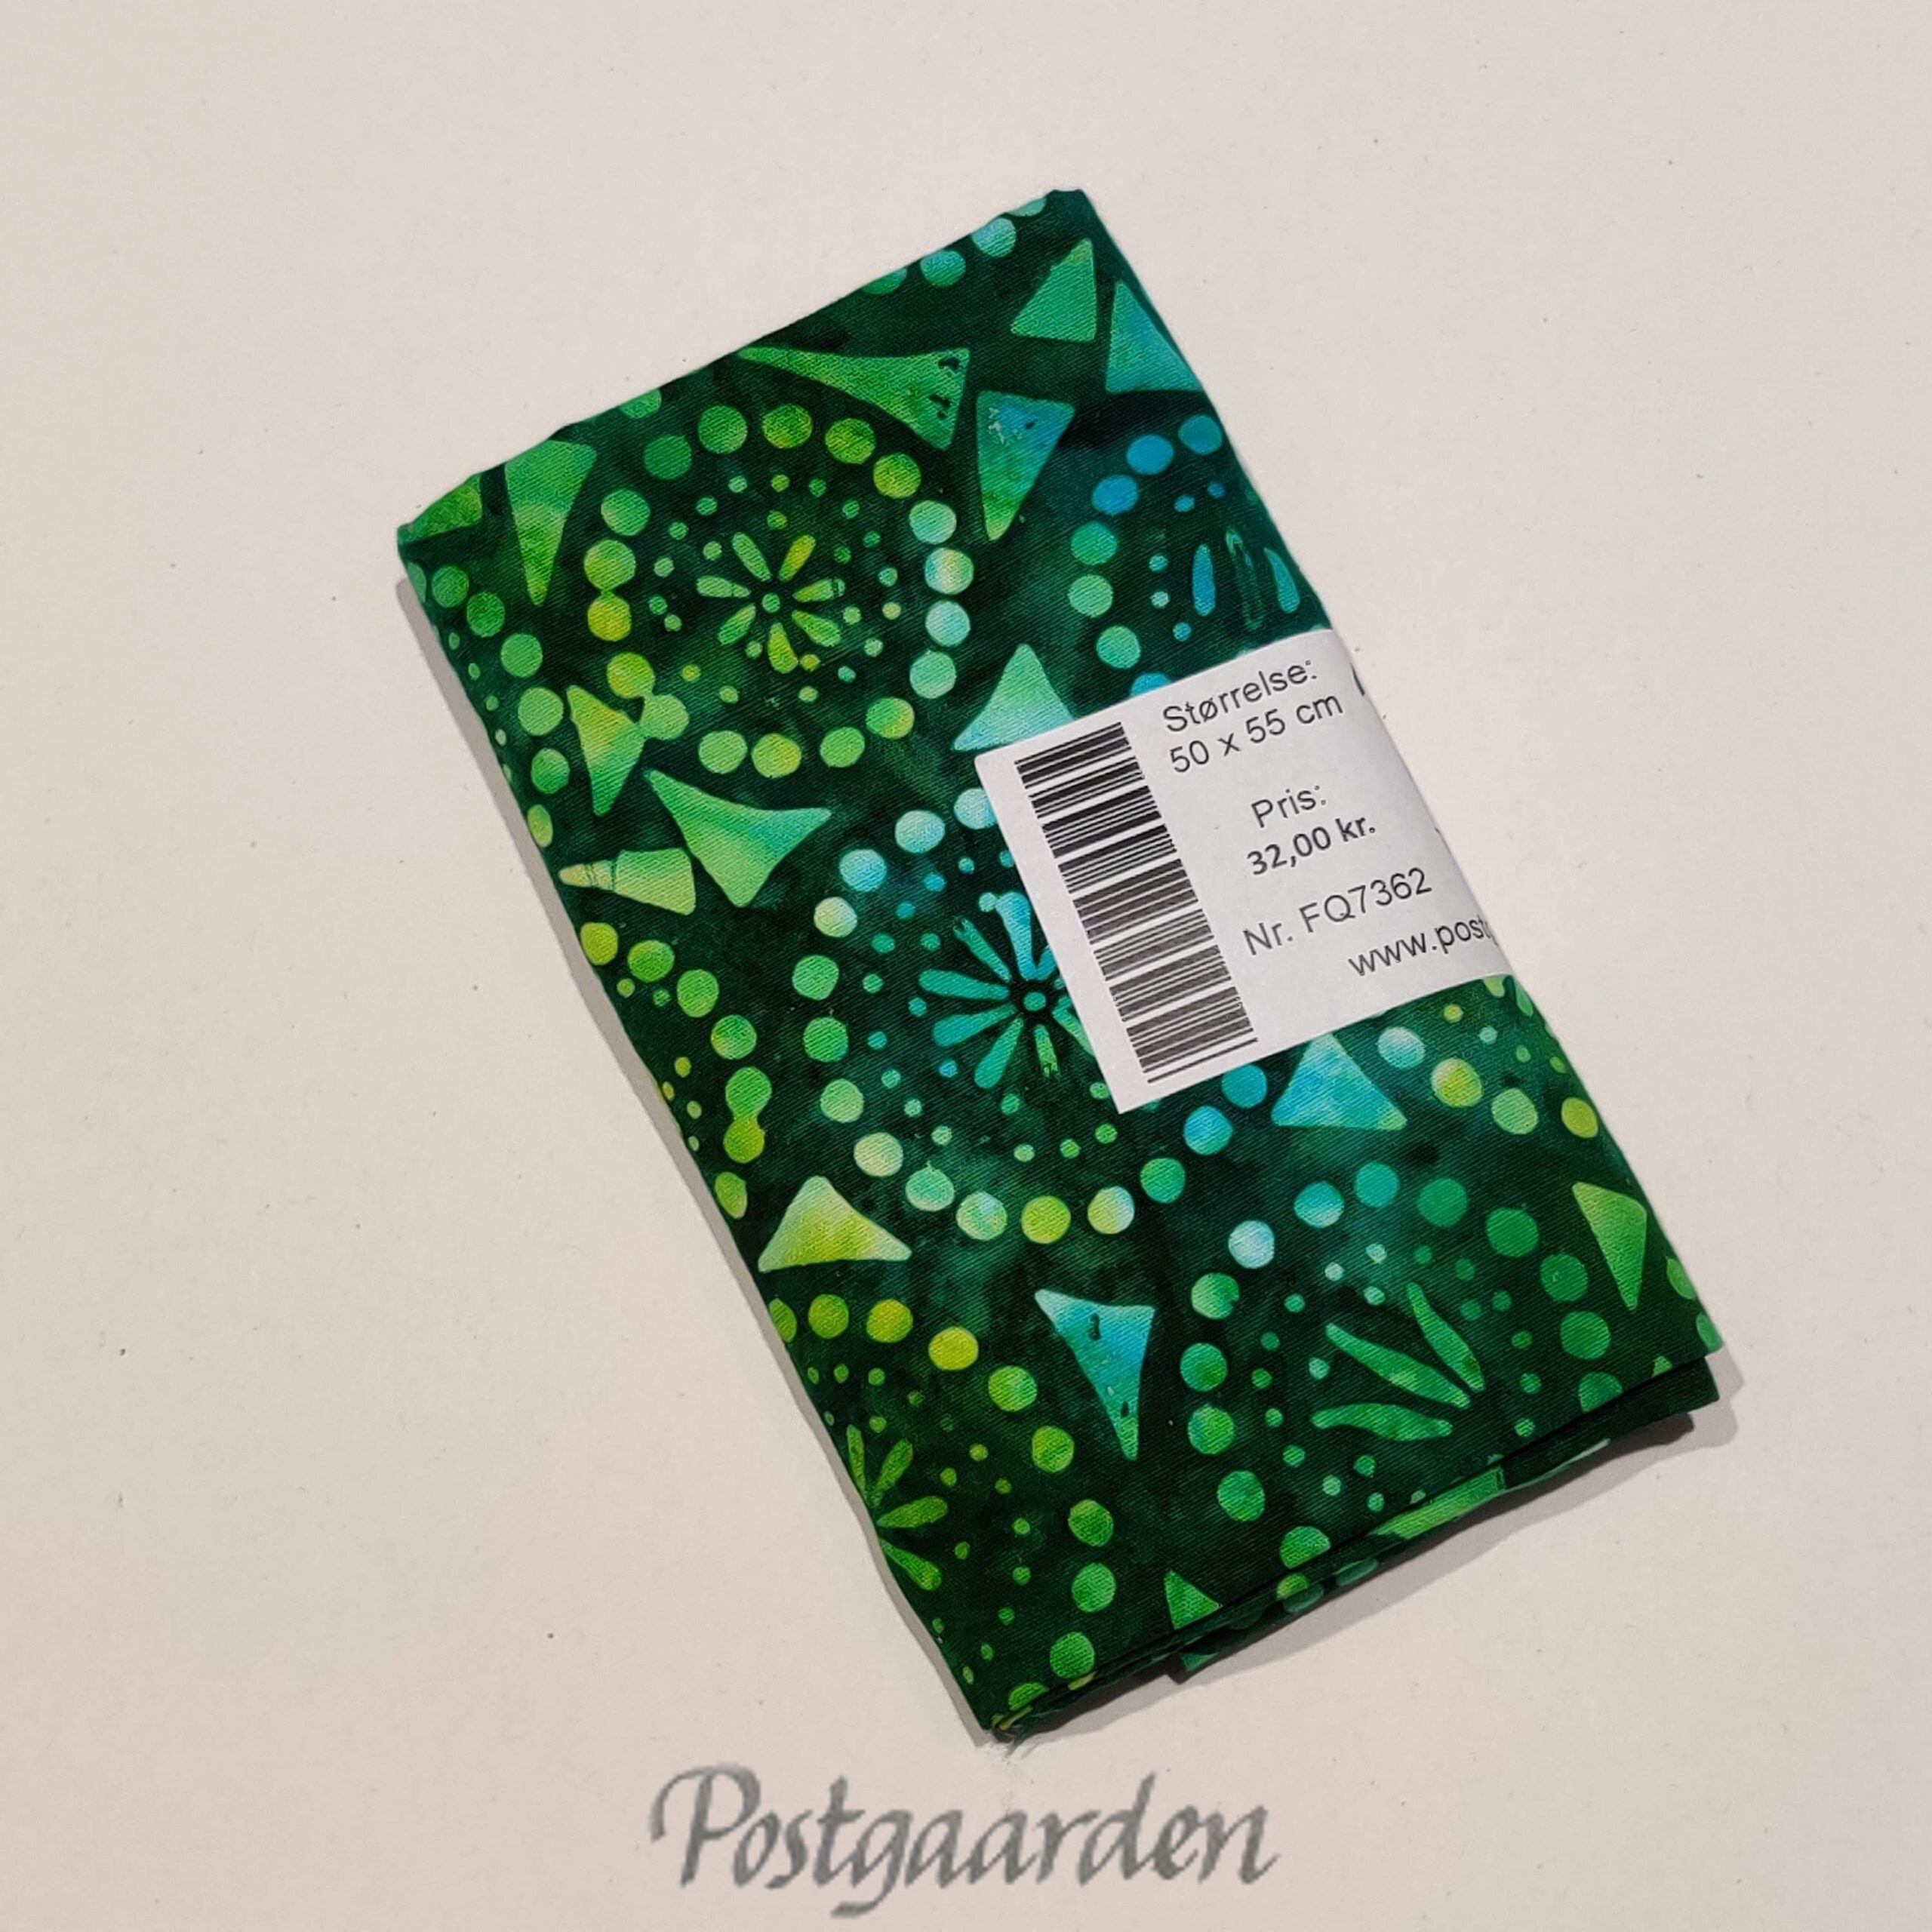 FQ7362 7362 Grøn med geometrisk mønster Bali Batik patchwork stof